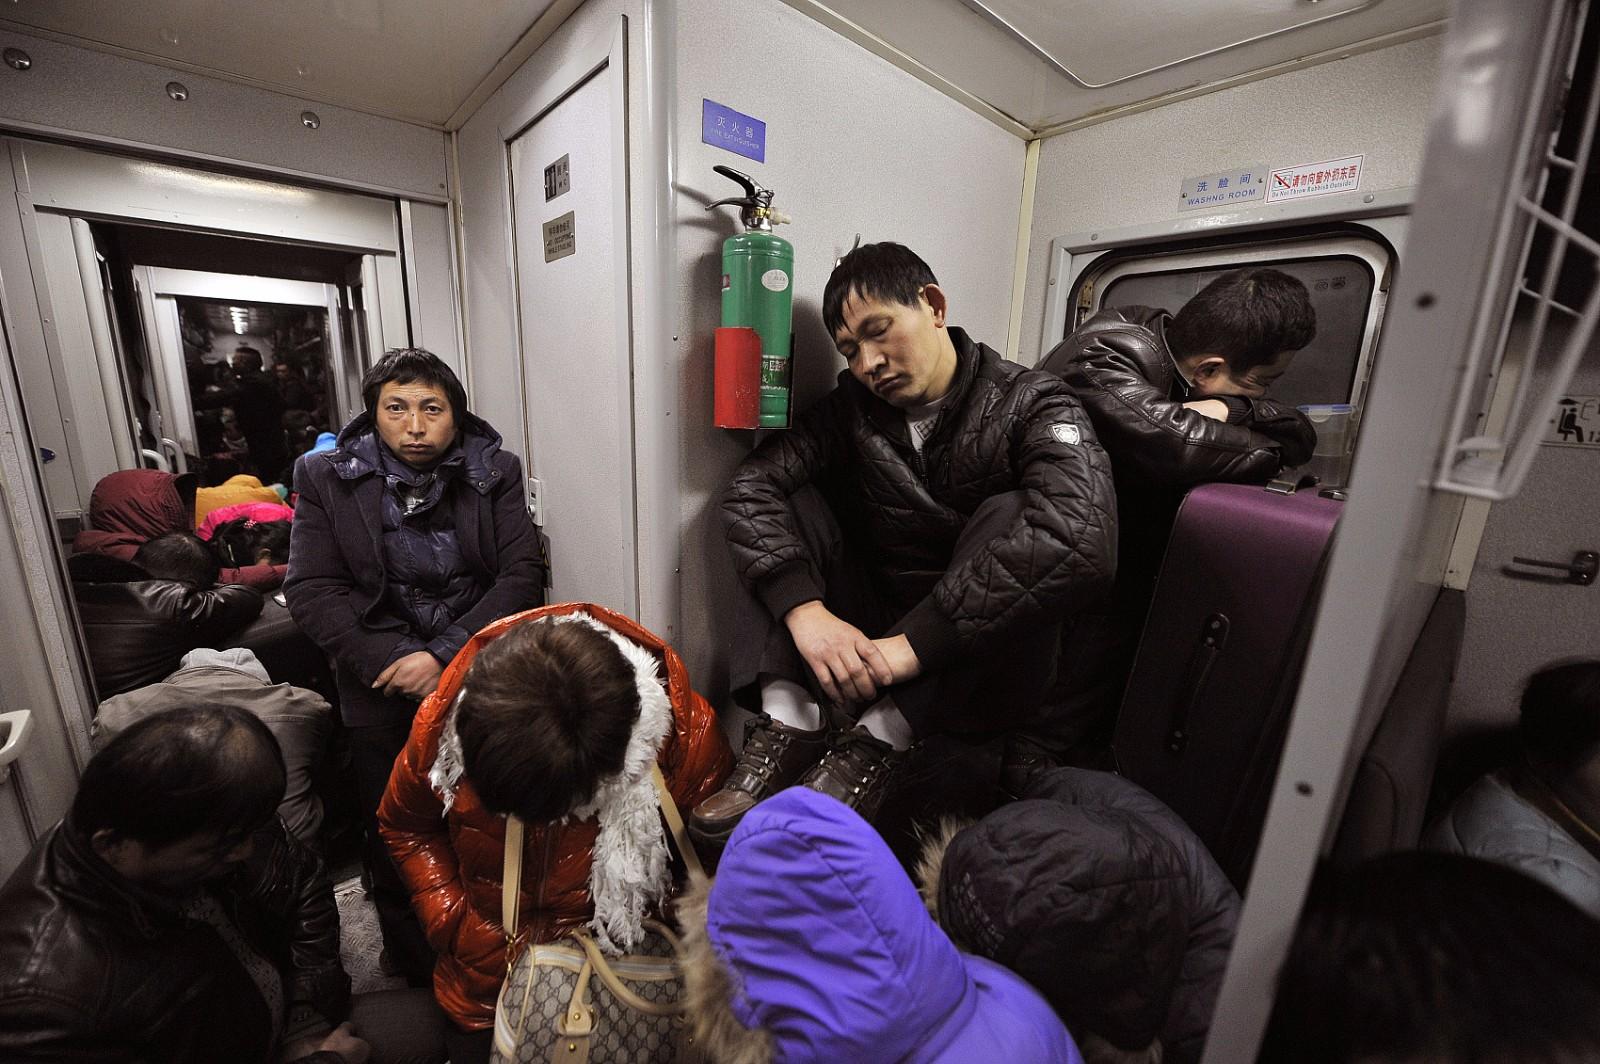 实拍凌晨春运列车:他们睡觉的身影让人心酸